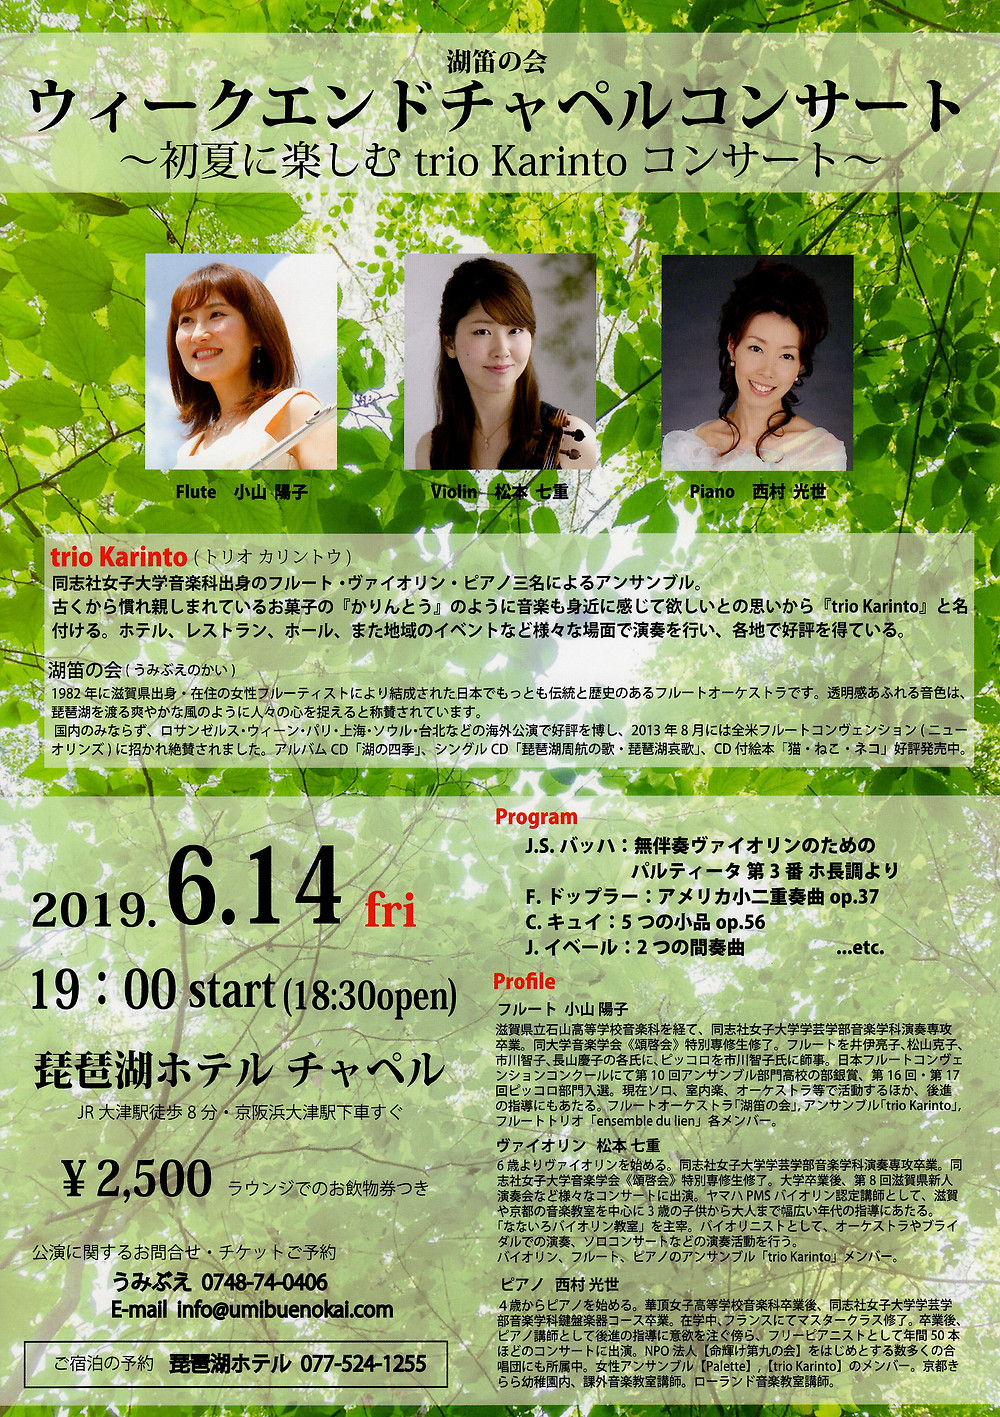 【4月13日】湖笛の会 ウィークエンドチャペルコンサート